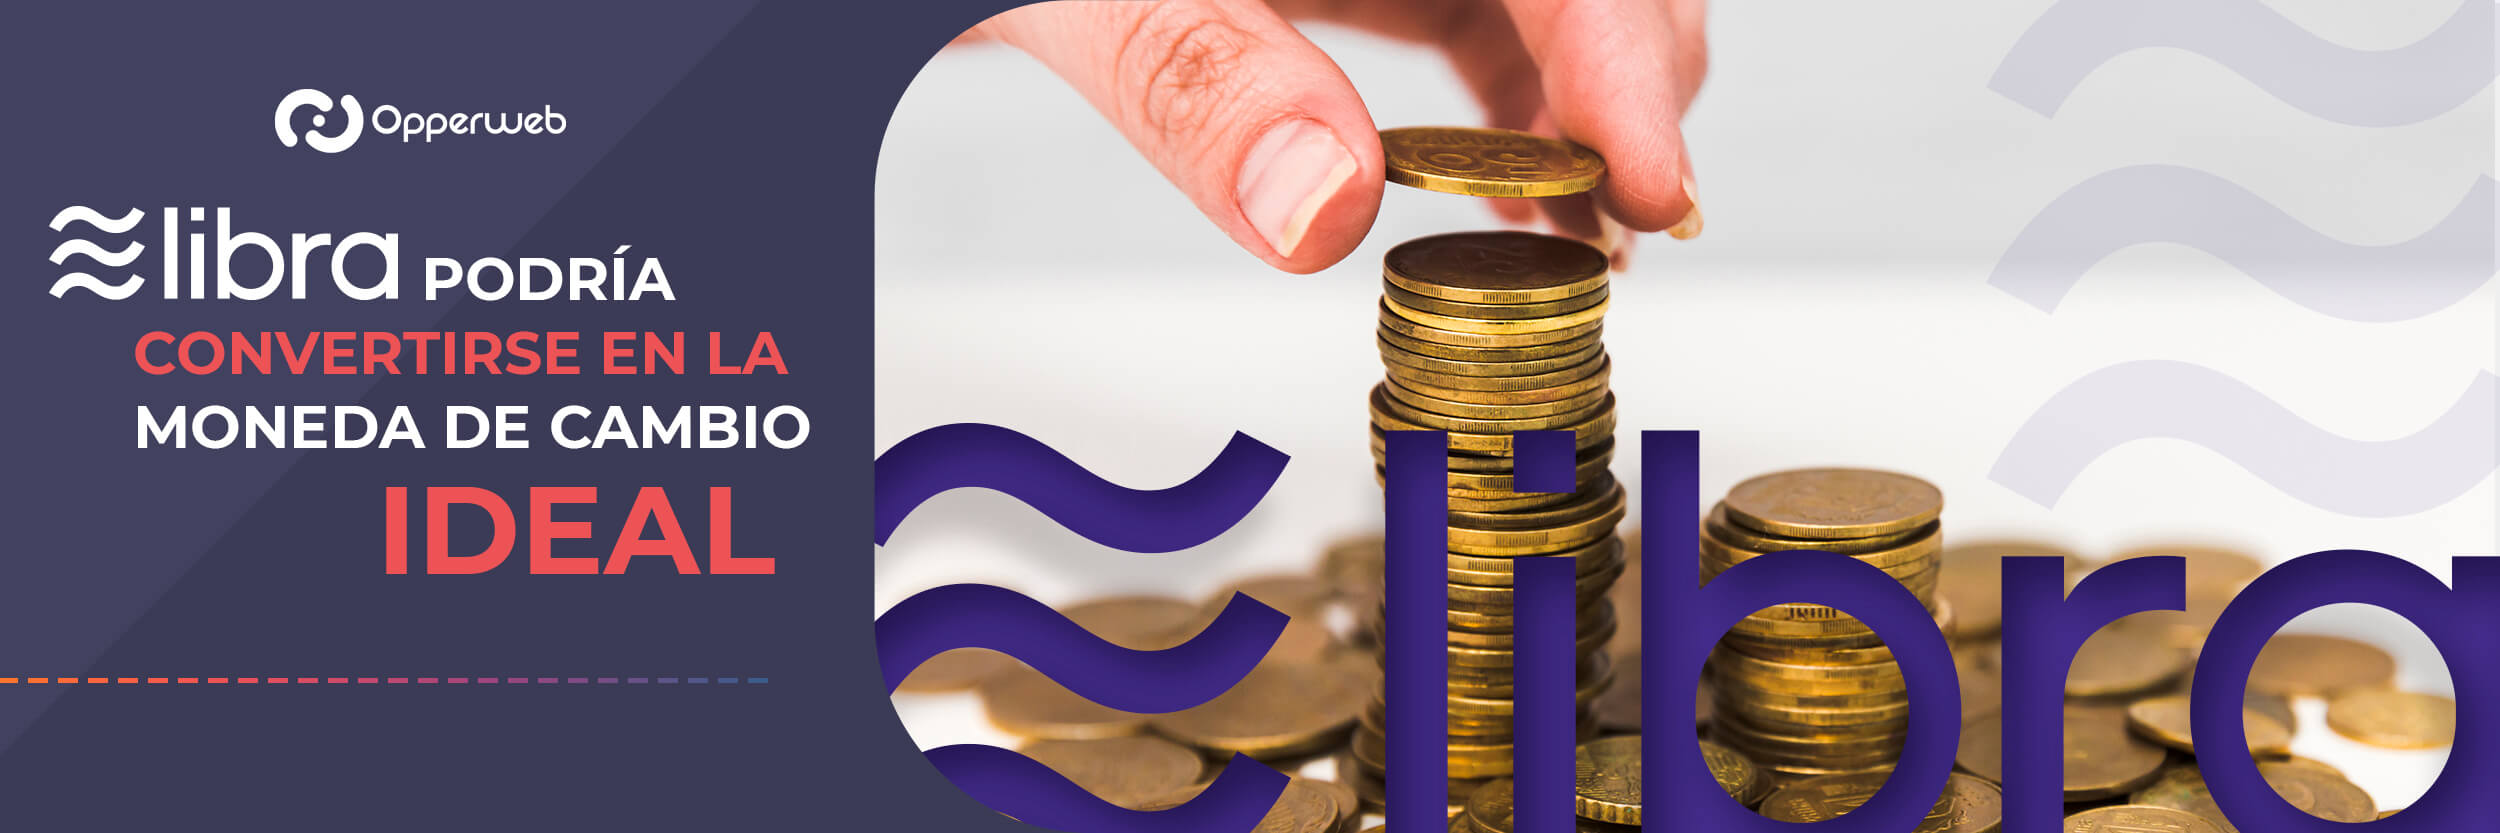 libra podría convertise en la moneda de cambio ideal